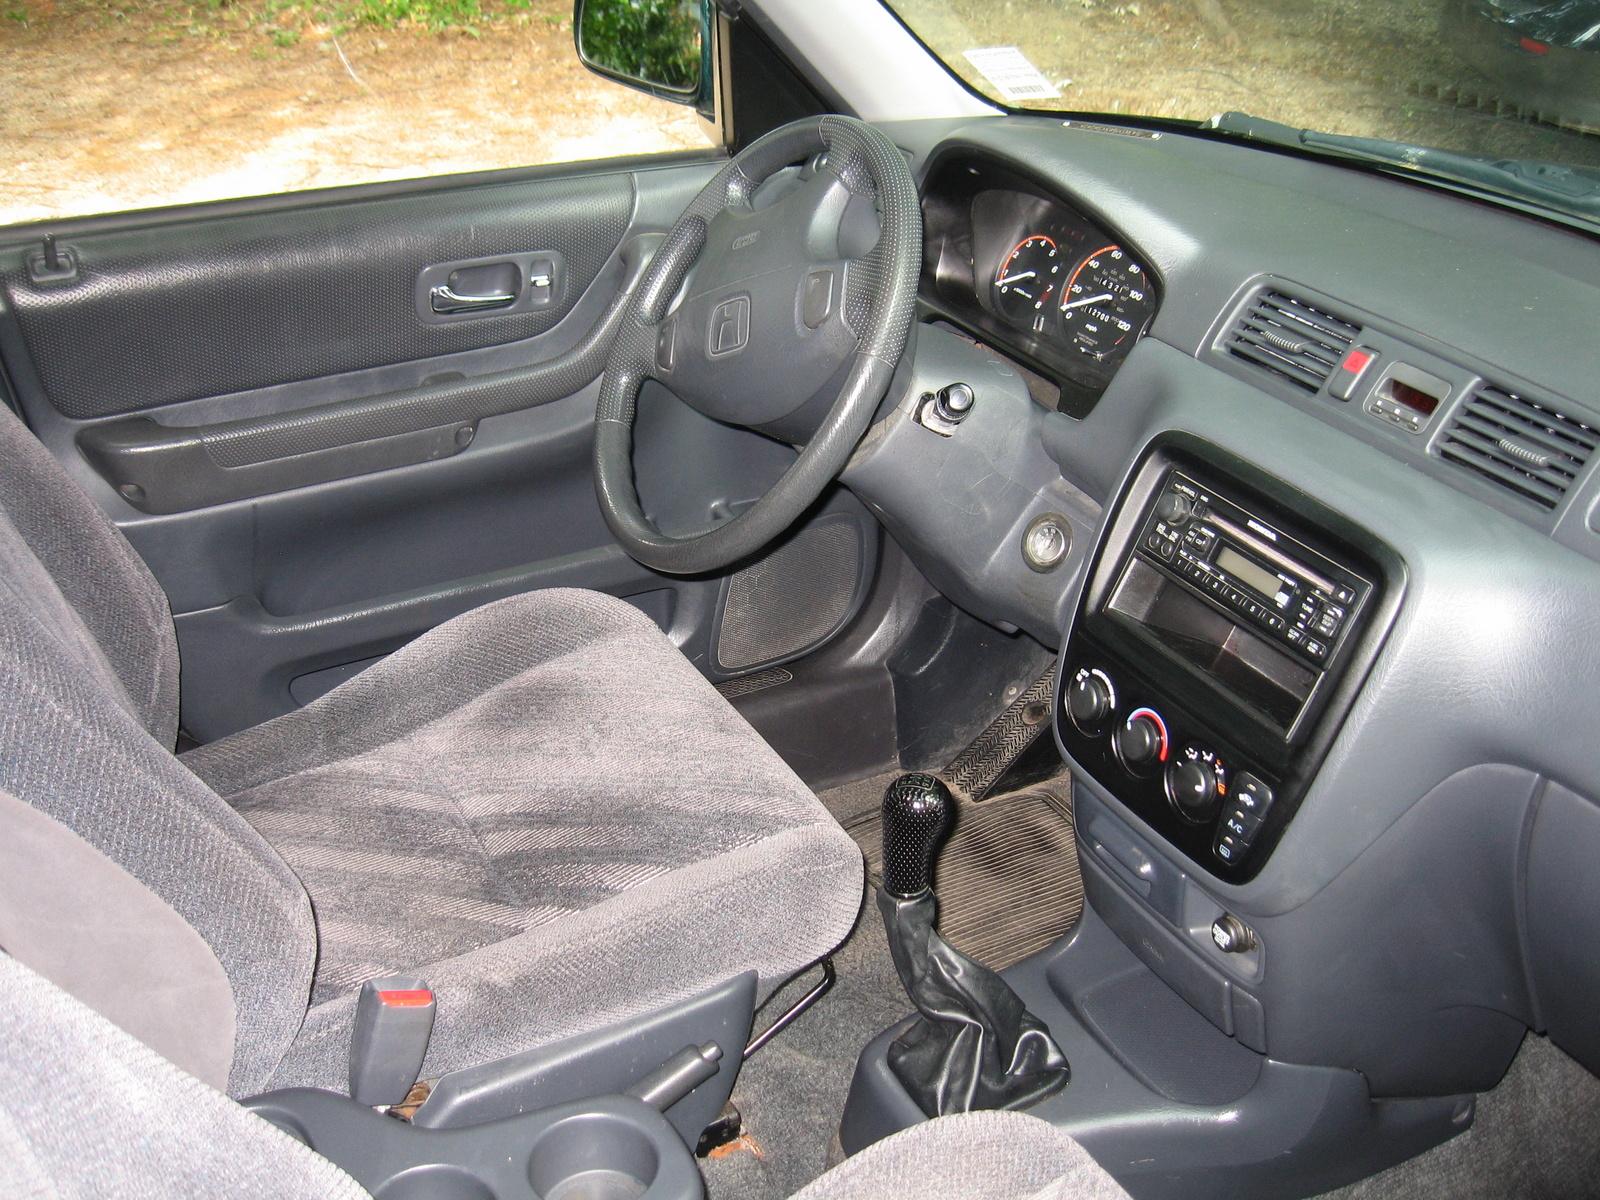 Used Honda Crosstour >> 1999 Honda CR-V - Interior Pictures - CarGurus